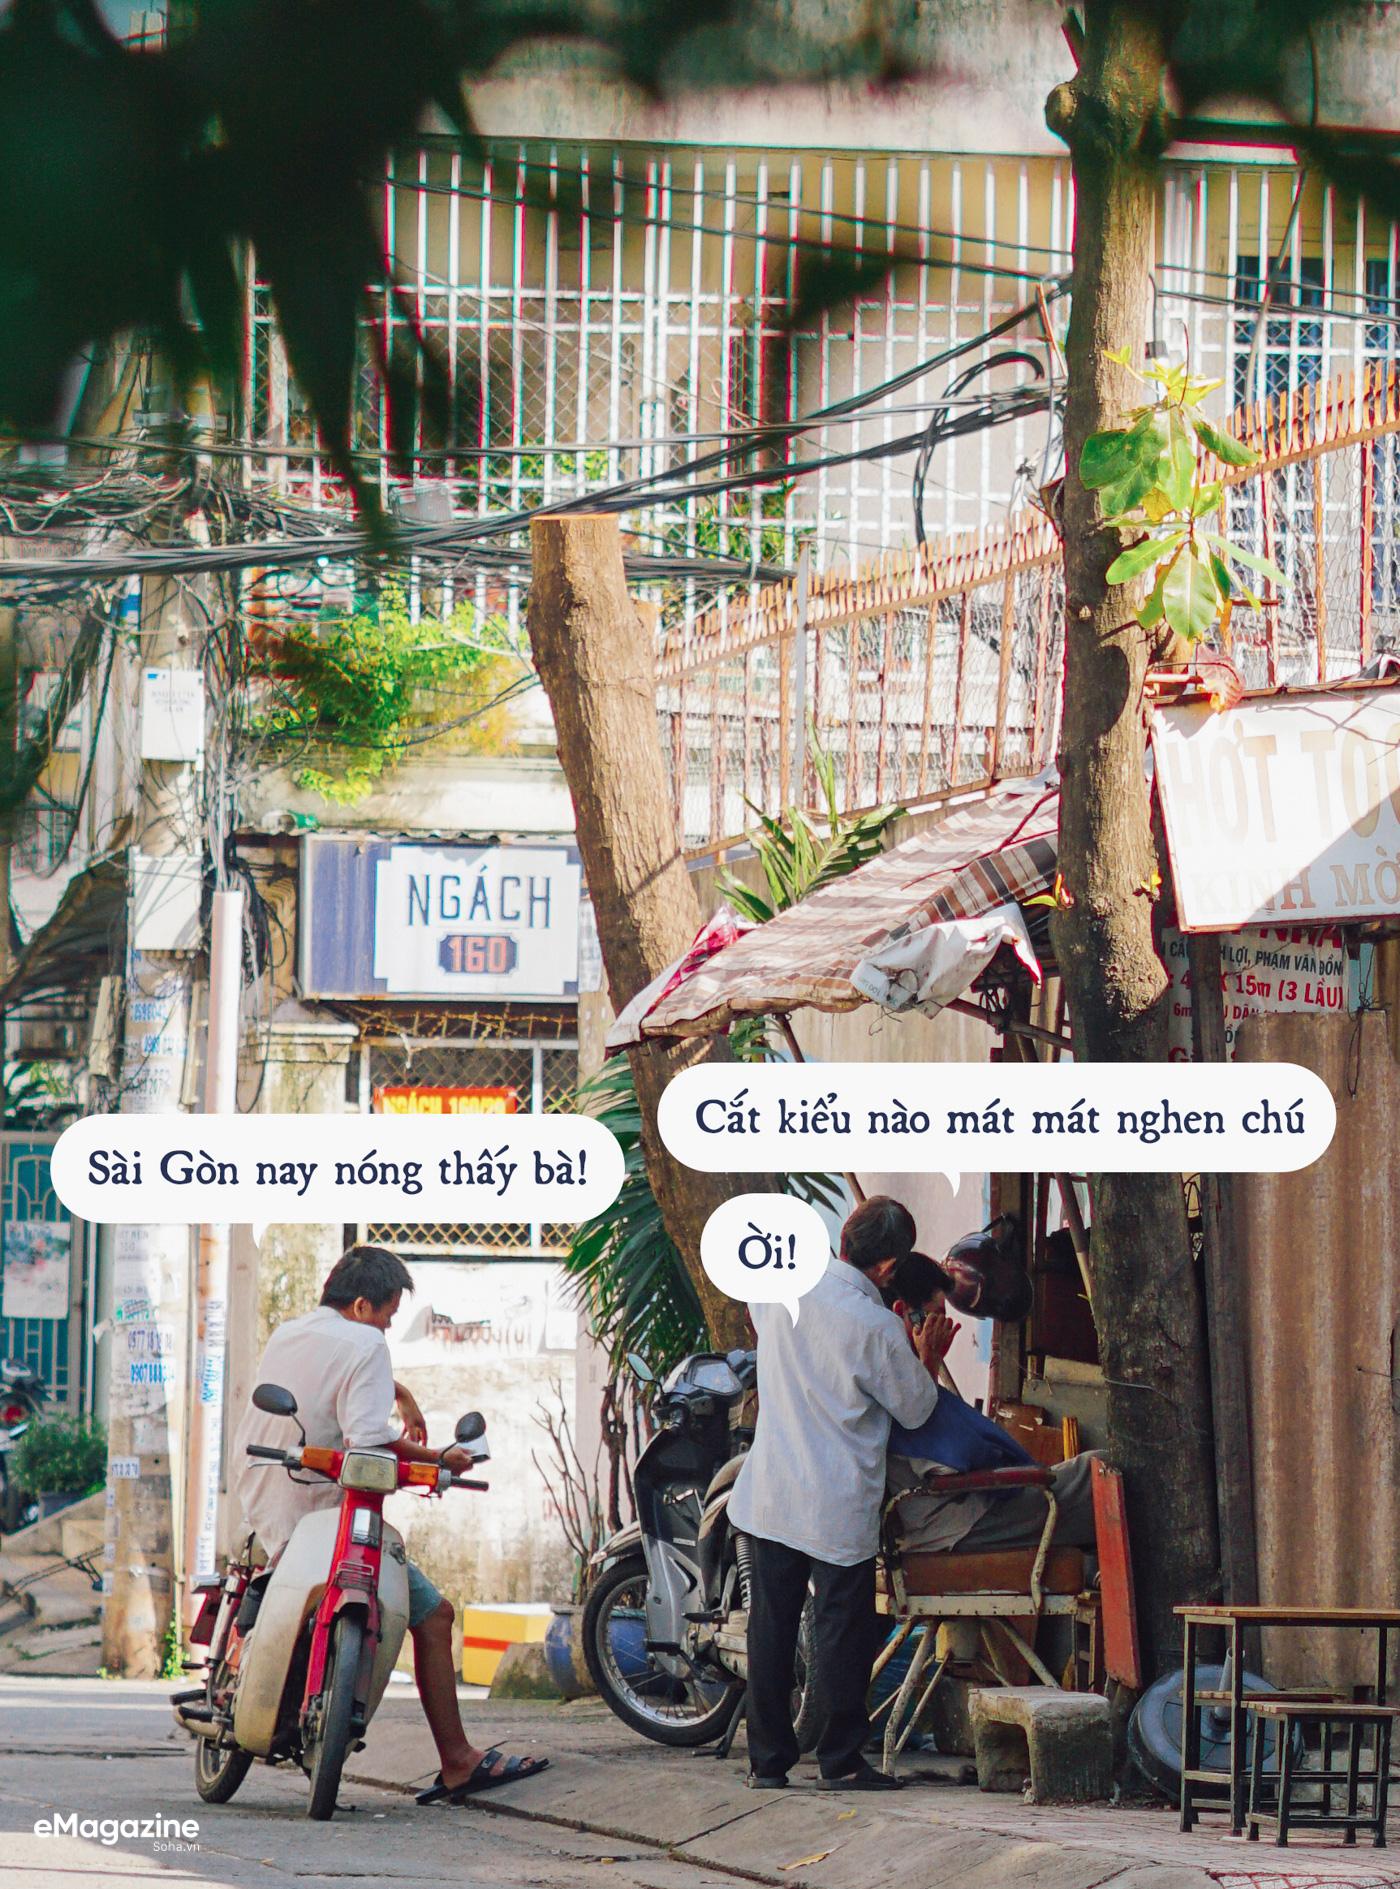 Sài Gòn thiệt thương: Nơi ta để lại tuổi trẻ nhiều nhất, đó sẽ là nơi bình yên nhất - Ảnh 15